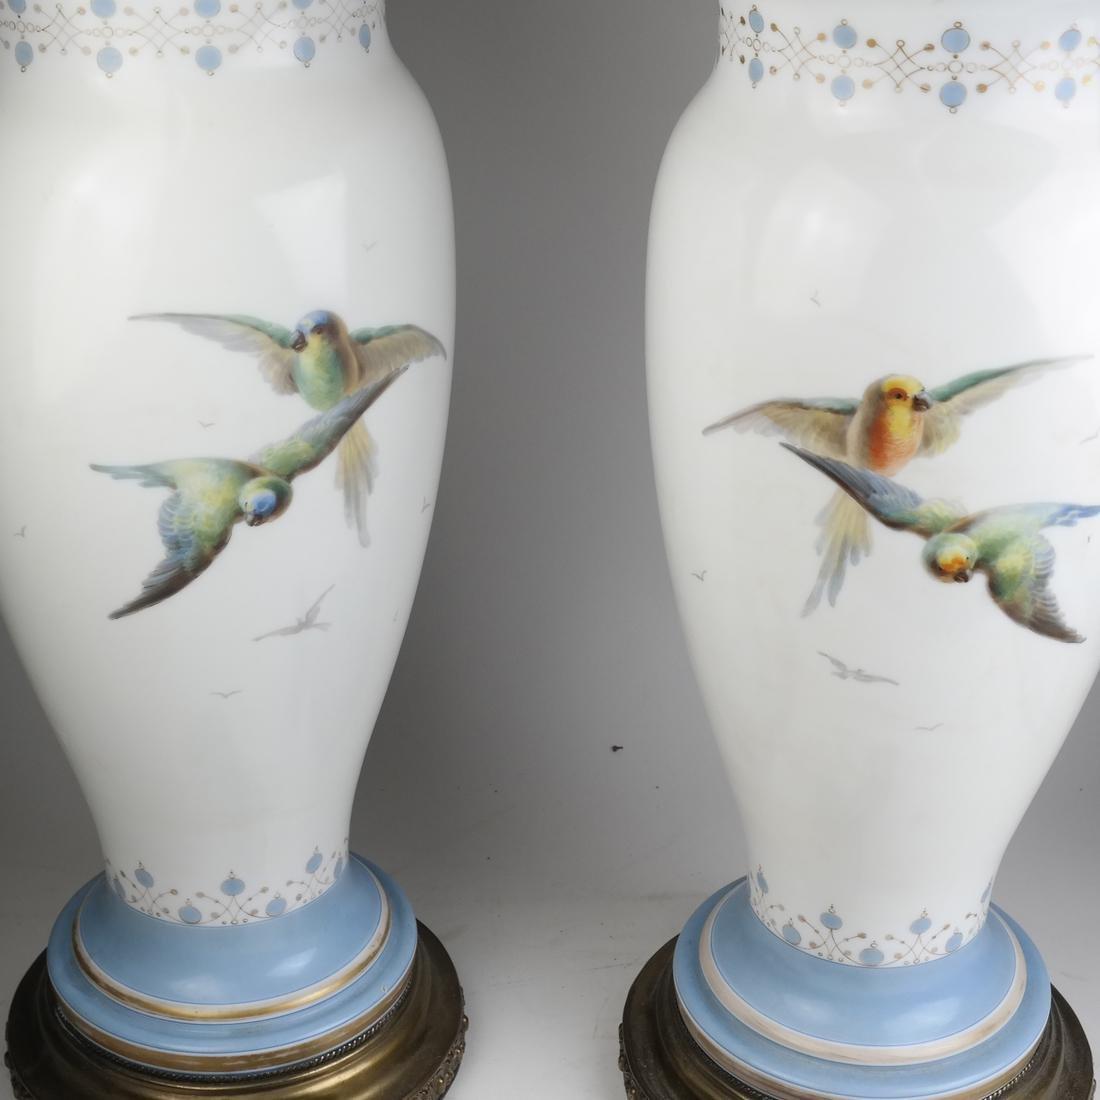 Pair of Opaline Glass Portrait Lamps - 6